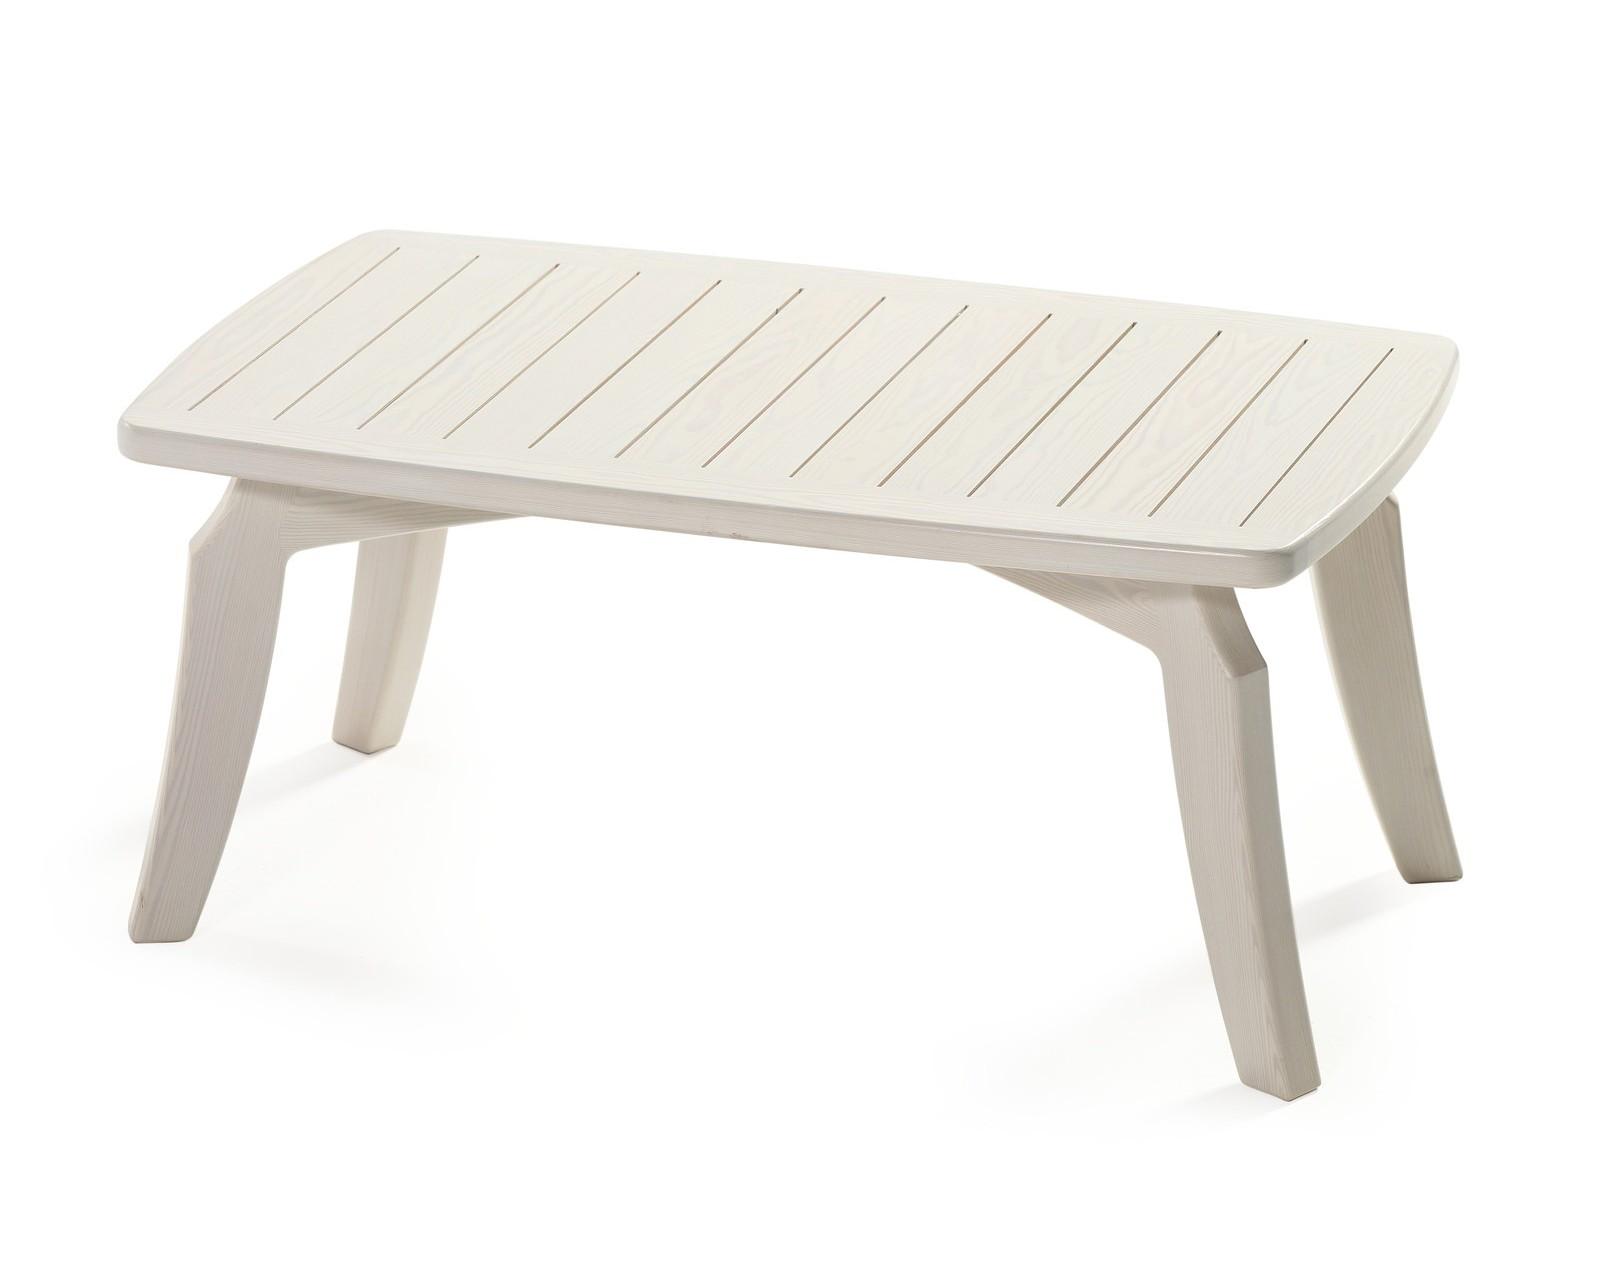 Стол АристократСтолы и столики для сада<br>Изделие изготовлено из массива лиственницы.<br><br>Material: Дерево<br>Ширина см: 88<br>Высота см: 40<br>Глубина см: 50